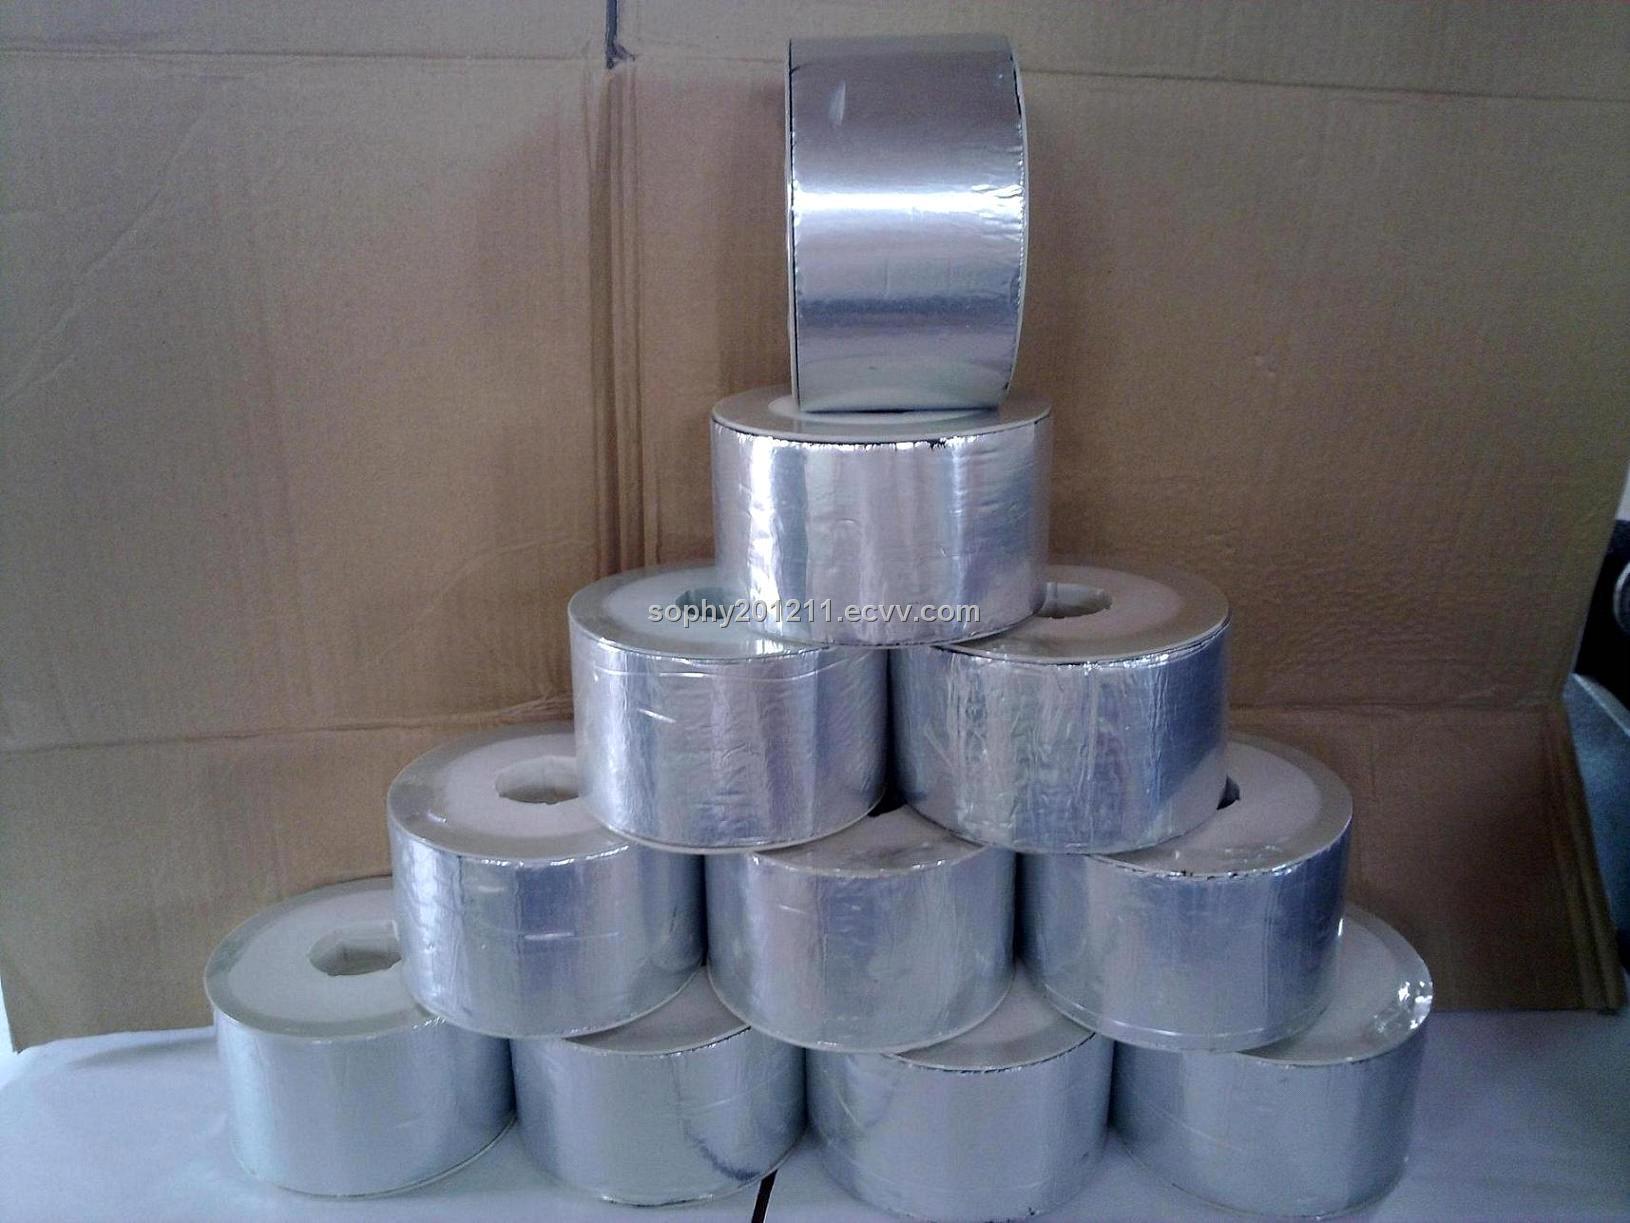 Aluminium foil self adhesive bitumen waterproof membrane